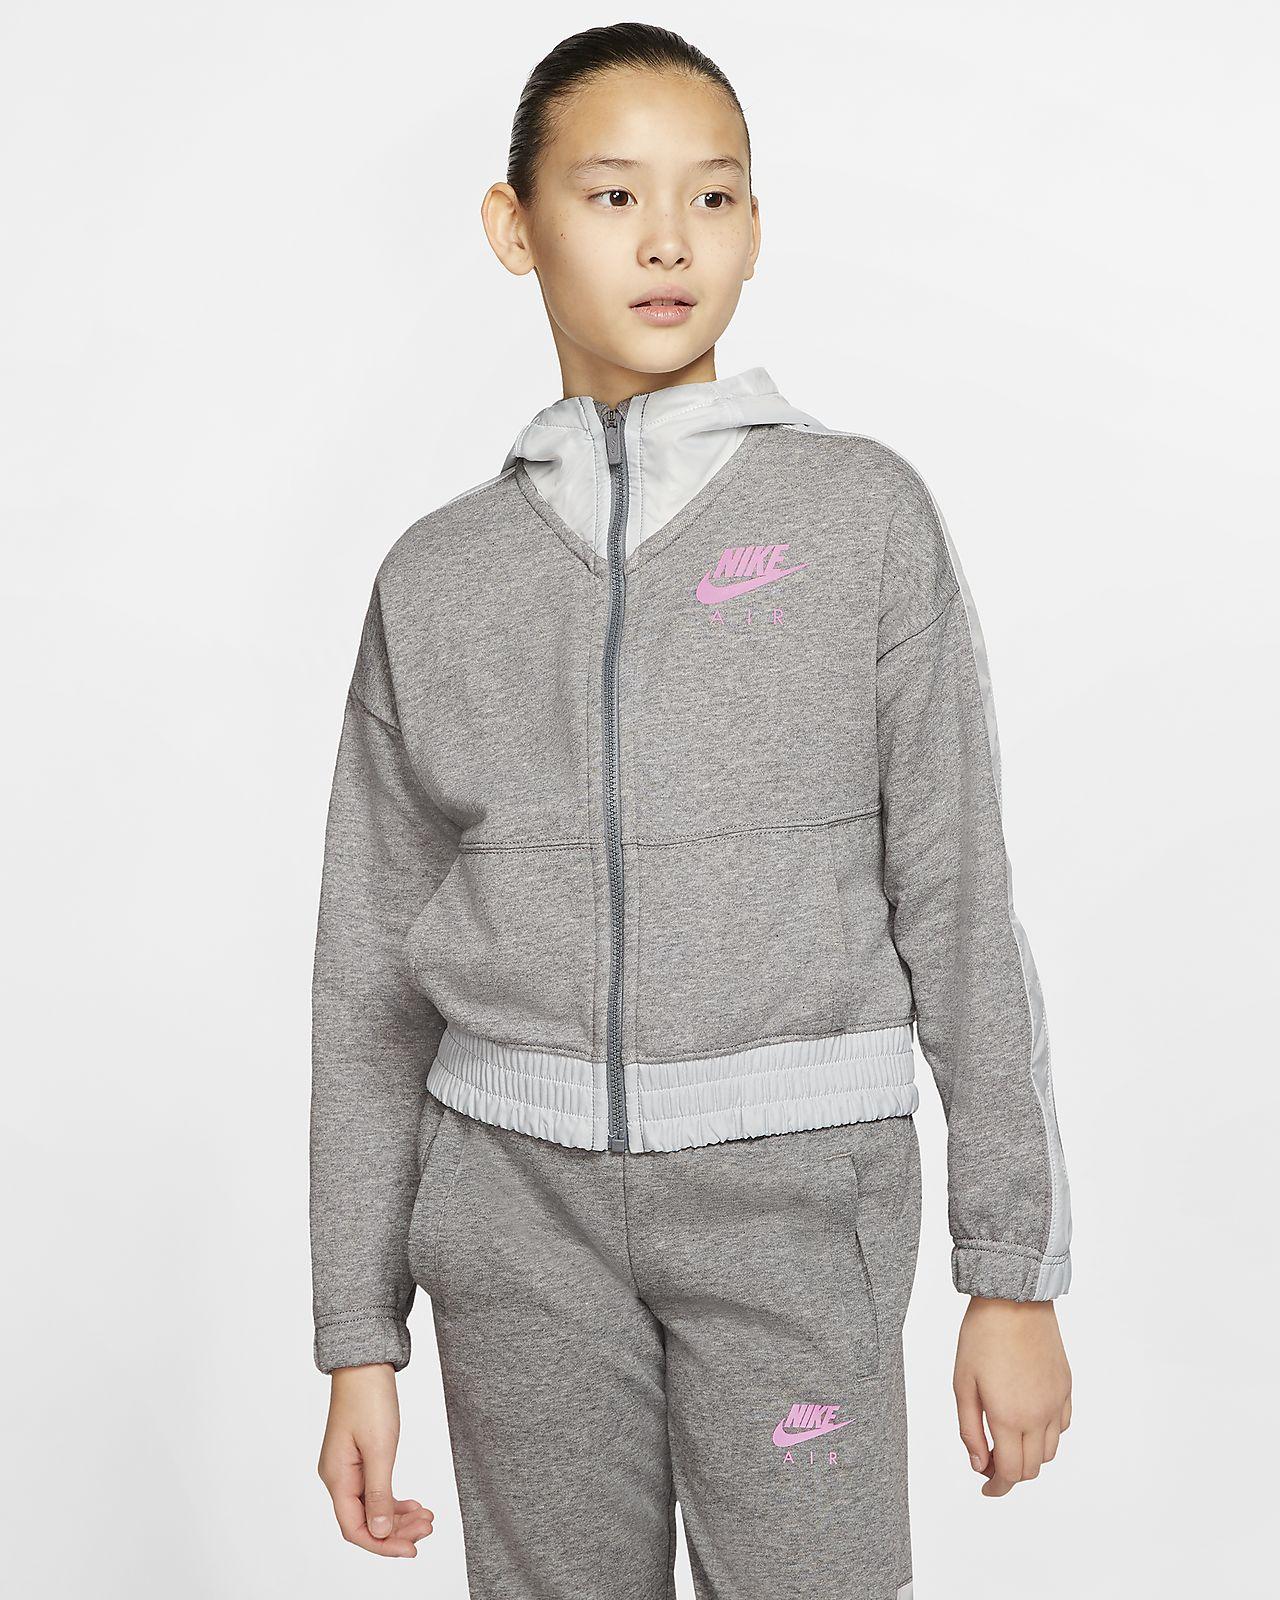 Bluza z kapturem i zamkiem na całej długości dla dużych dzieci (dziewcząt) Nike Air